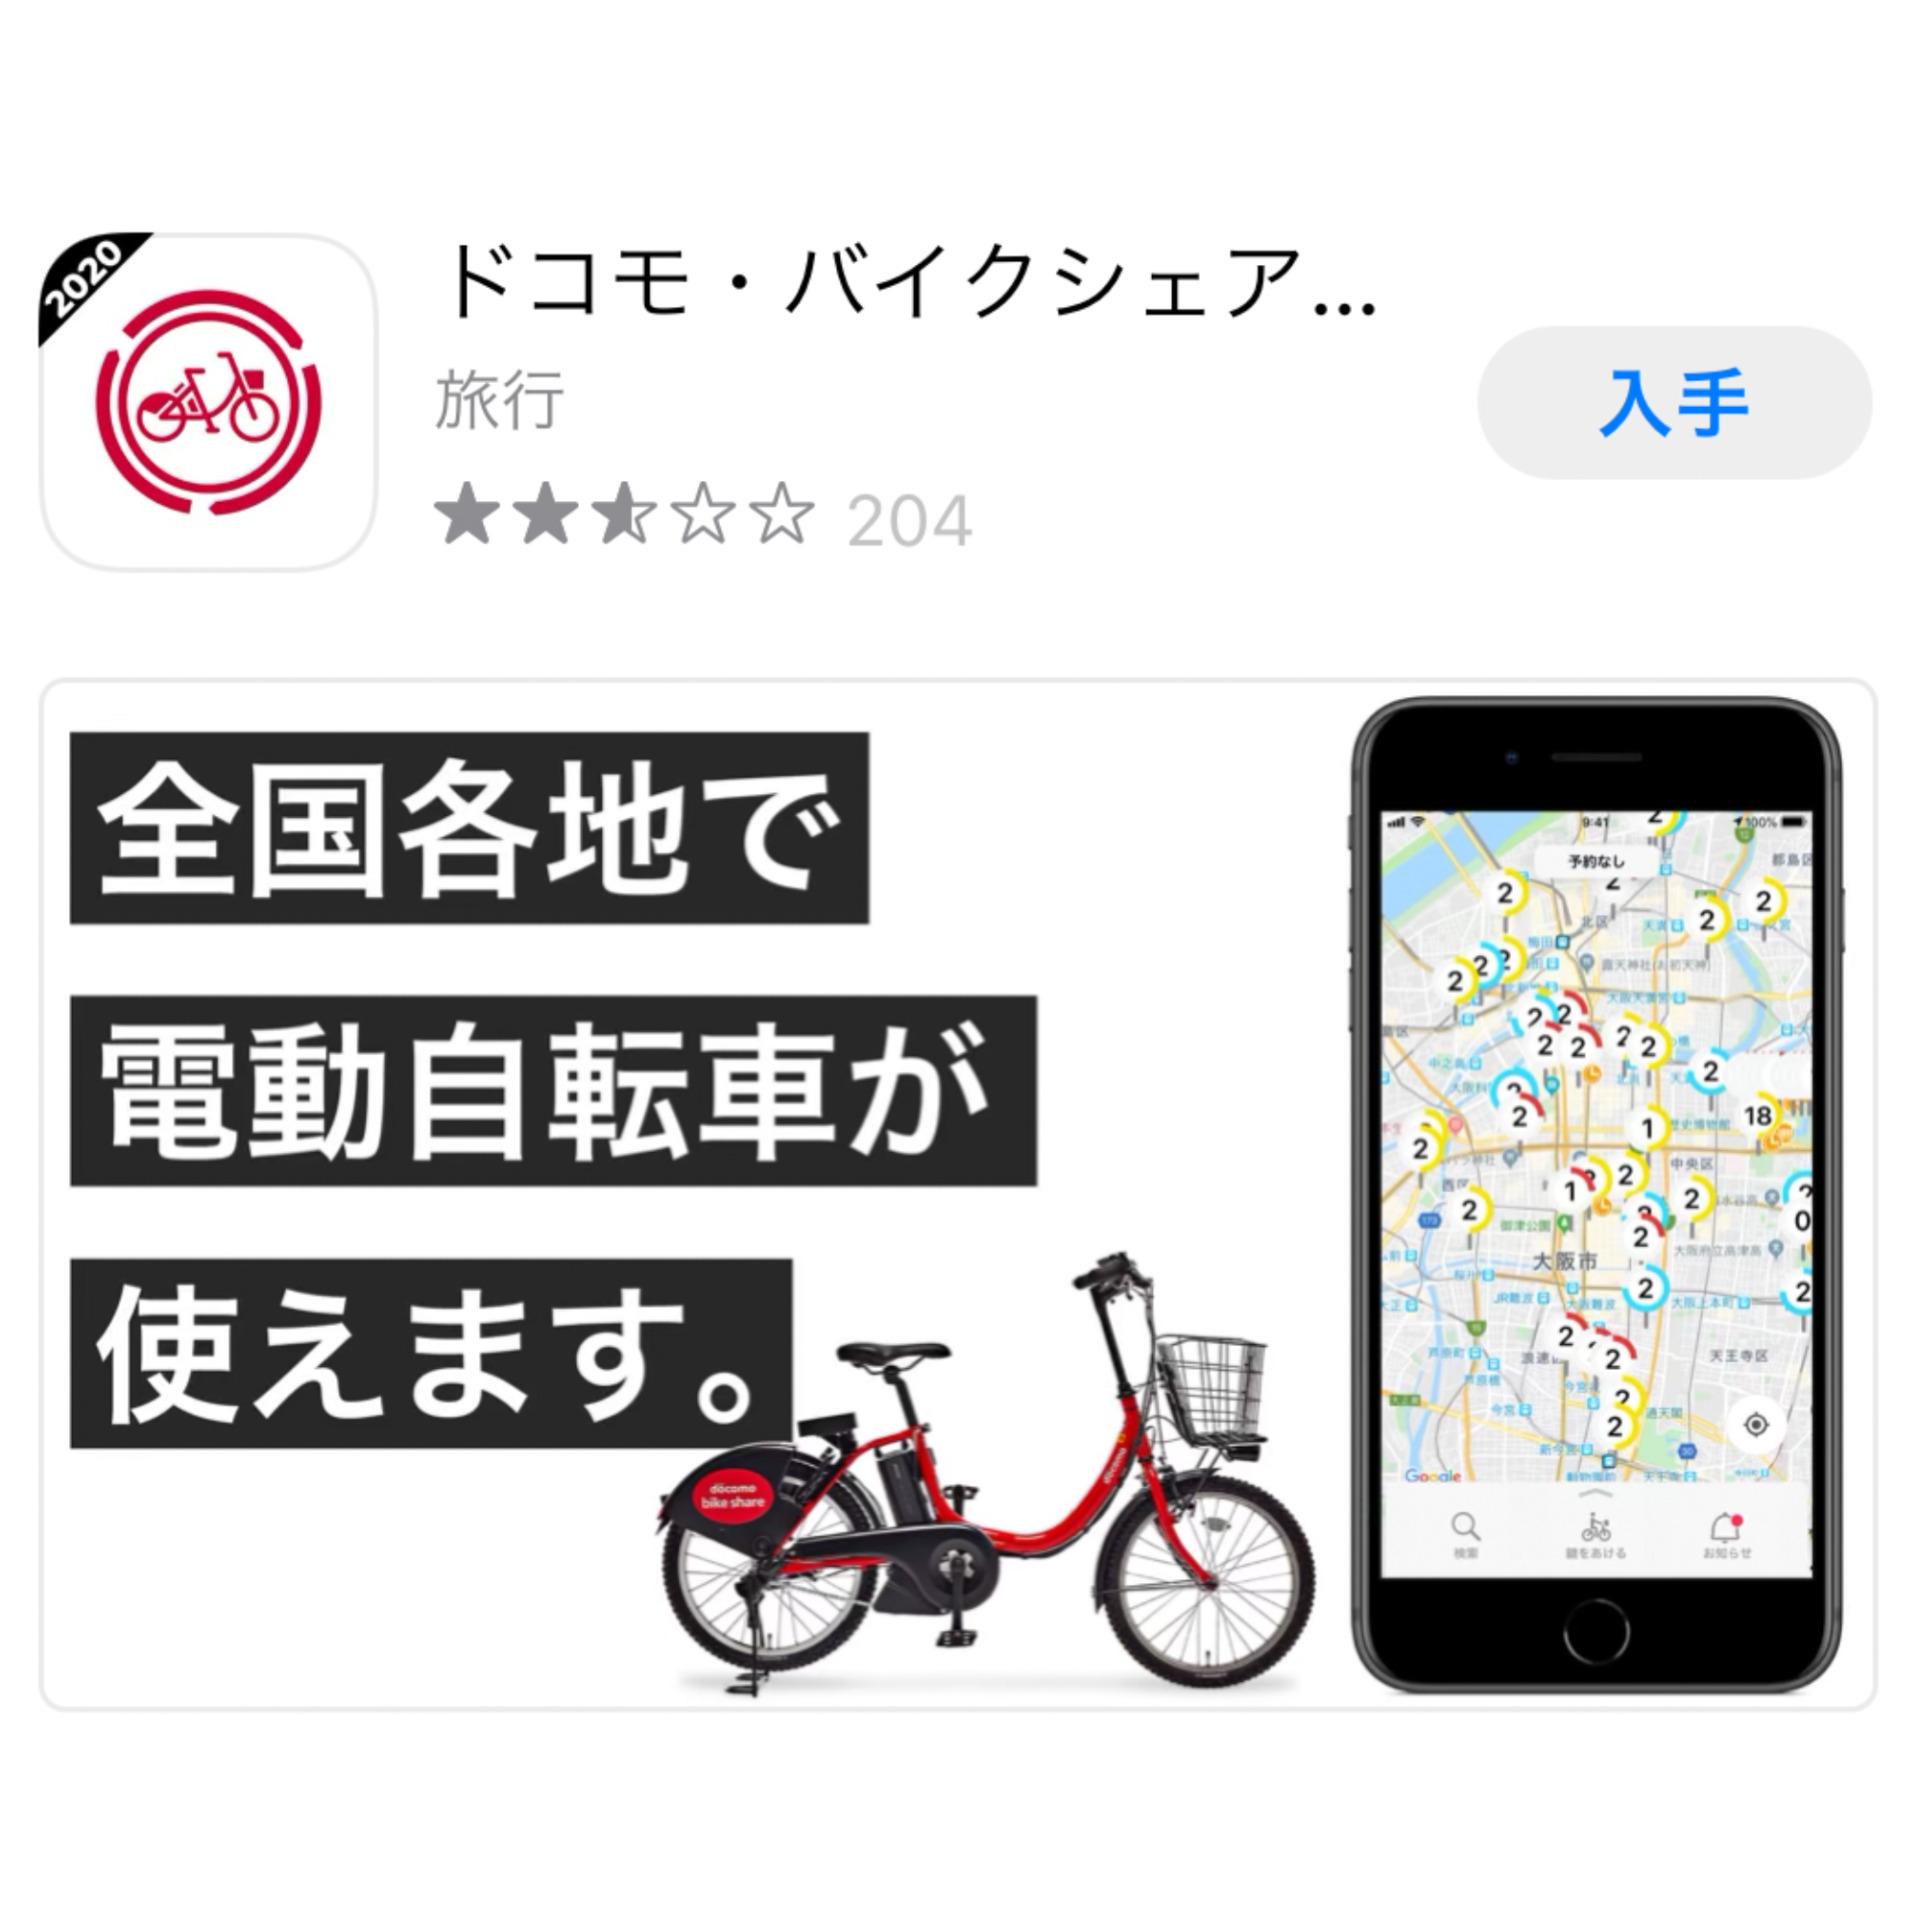 ポロクルの借り方・レンタル方法 ドコモ・バイクシェアアプリ